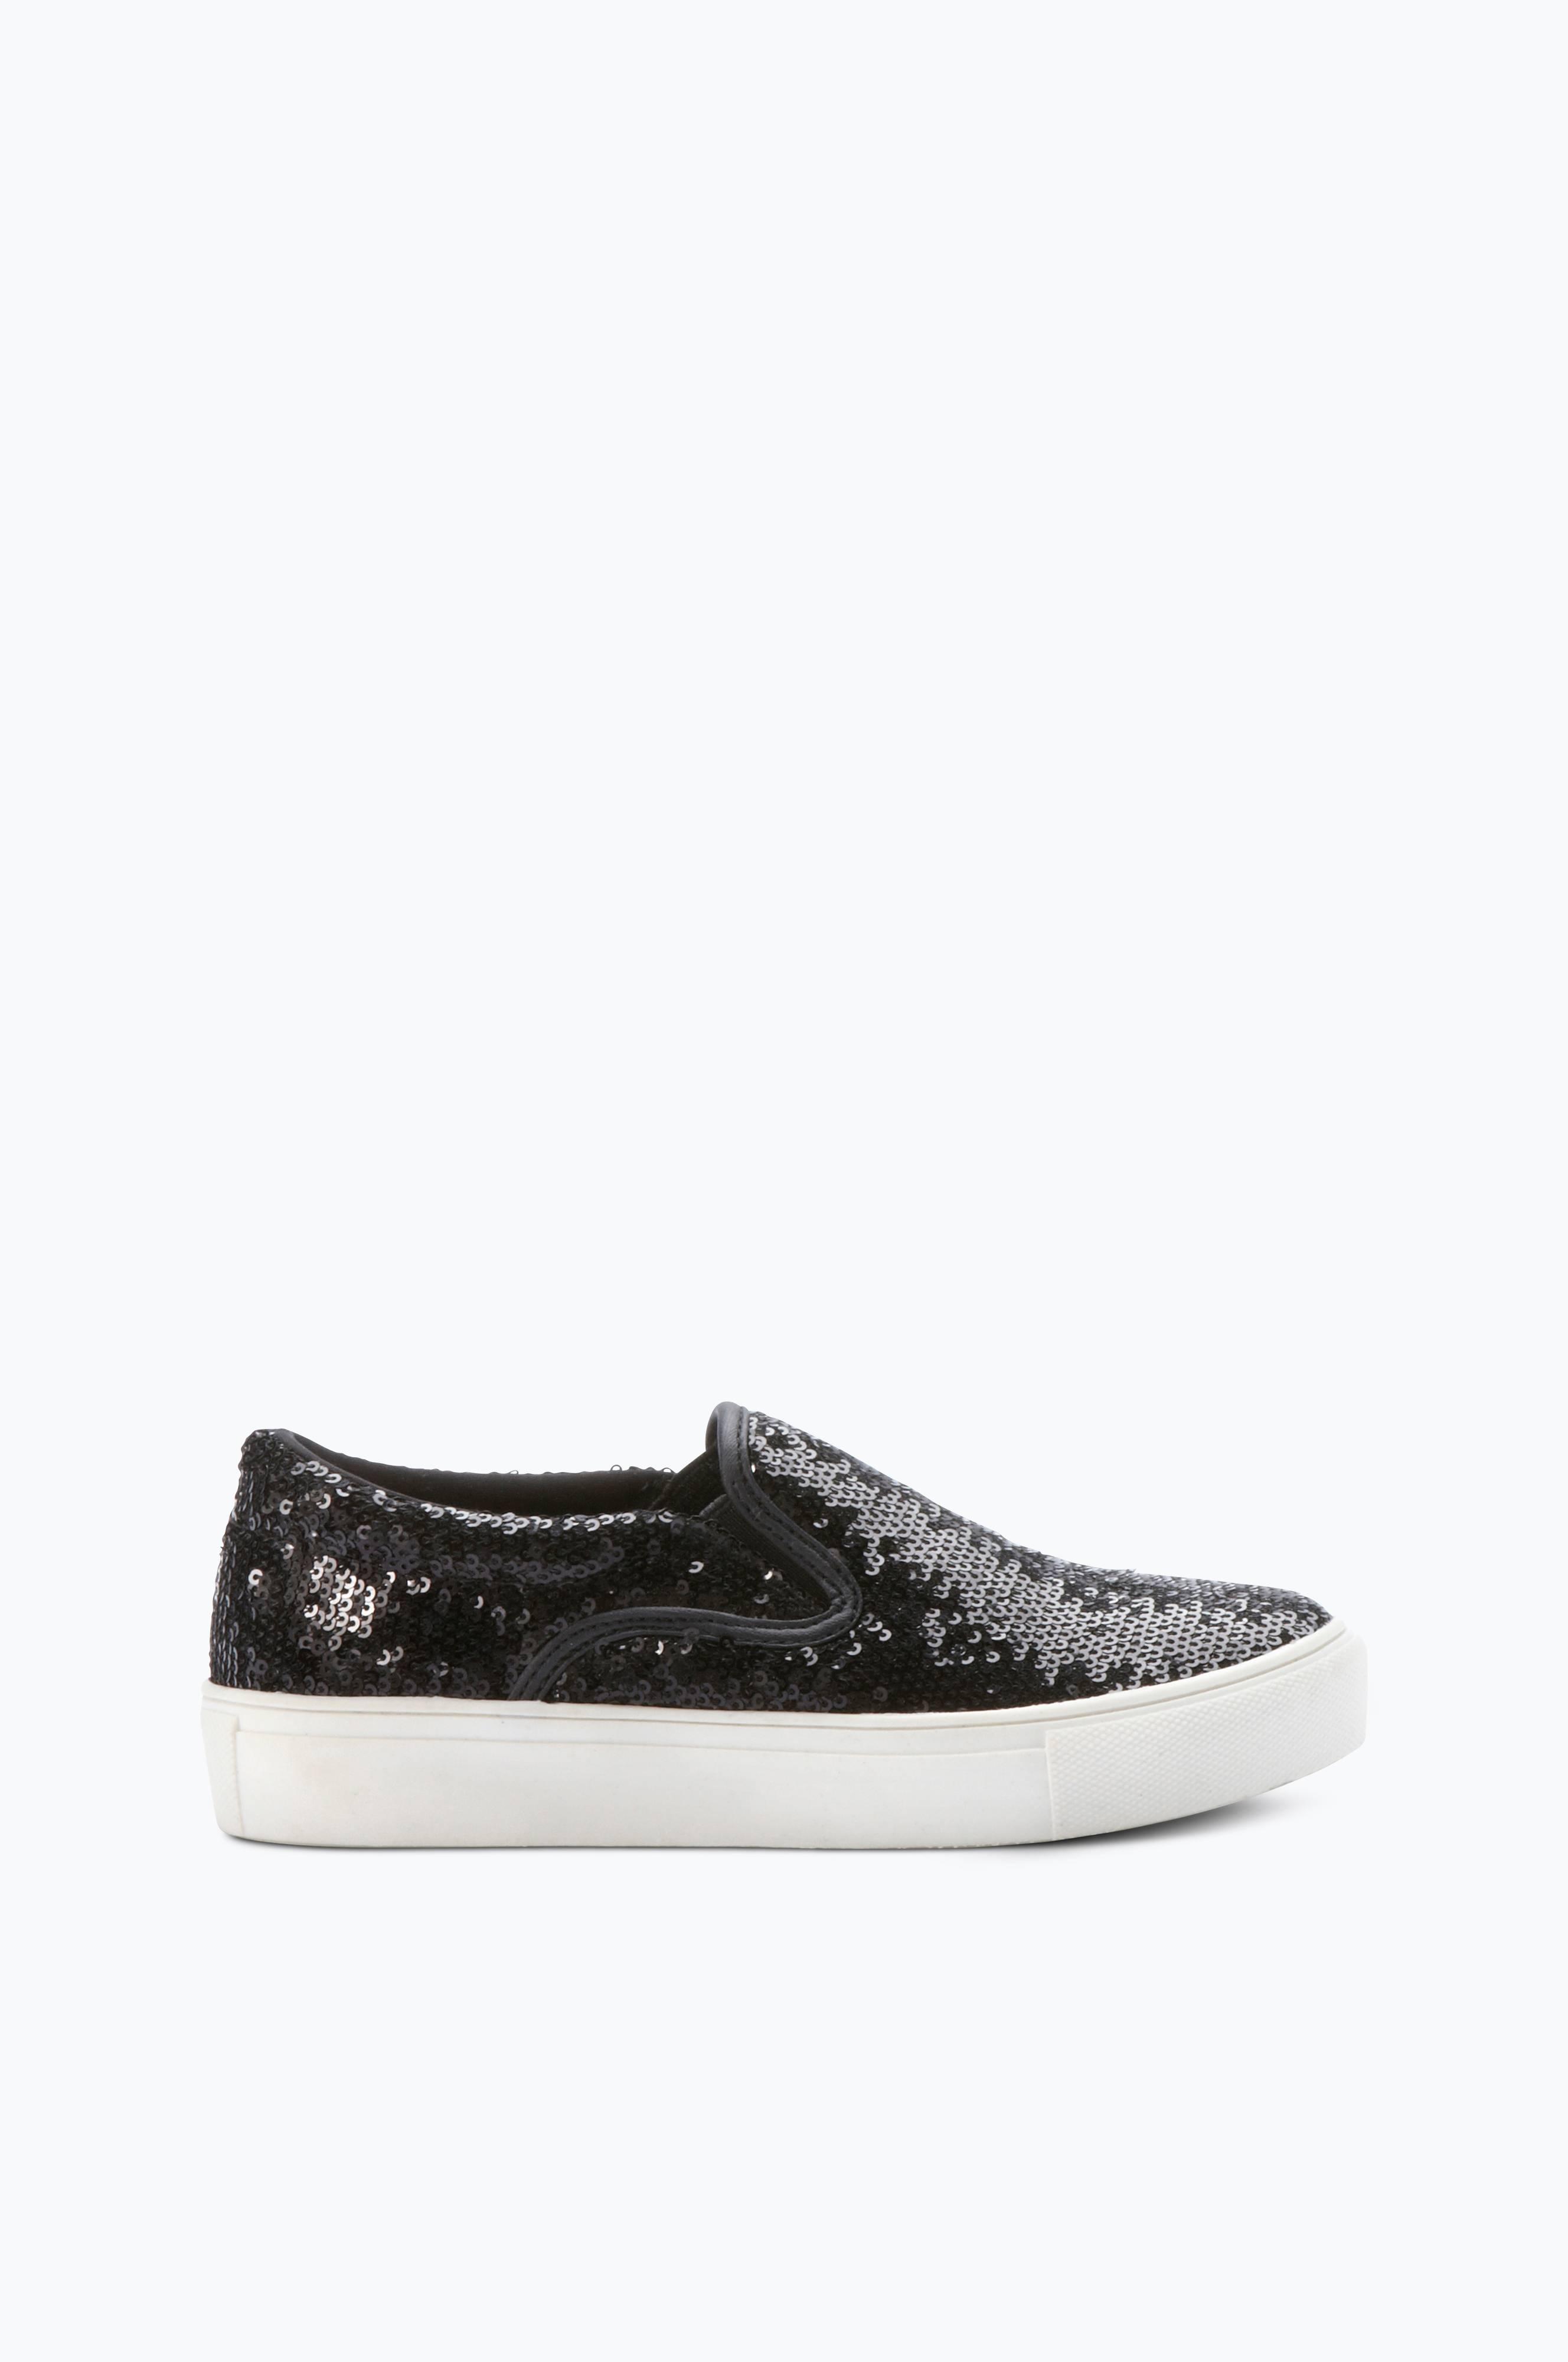 Ellos Shoes Sneakers slip on med glitter Svart Barn